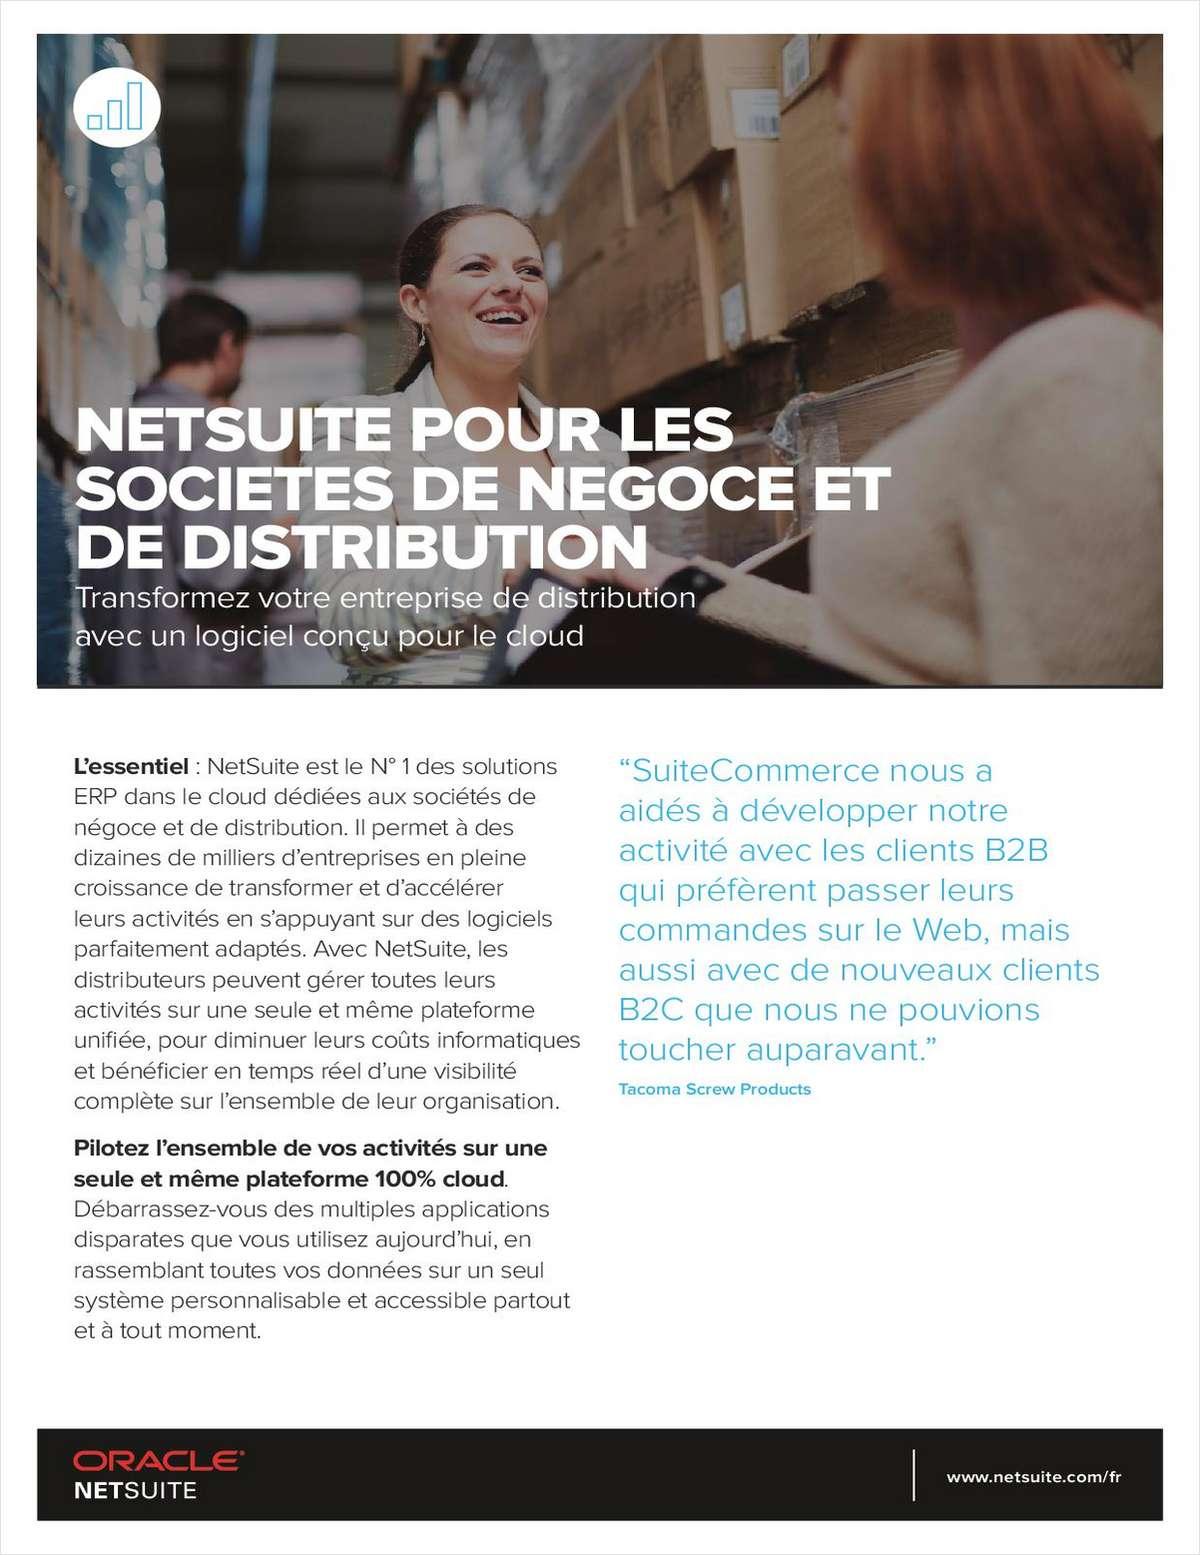 NETSUITE POUR LES SOCIETES DE NEGOCE ET DE DISTRIBUTION